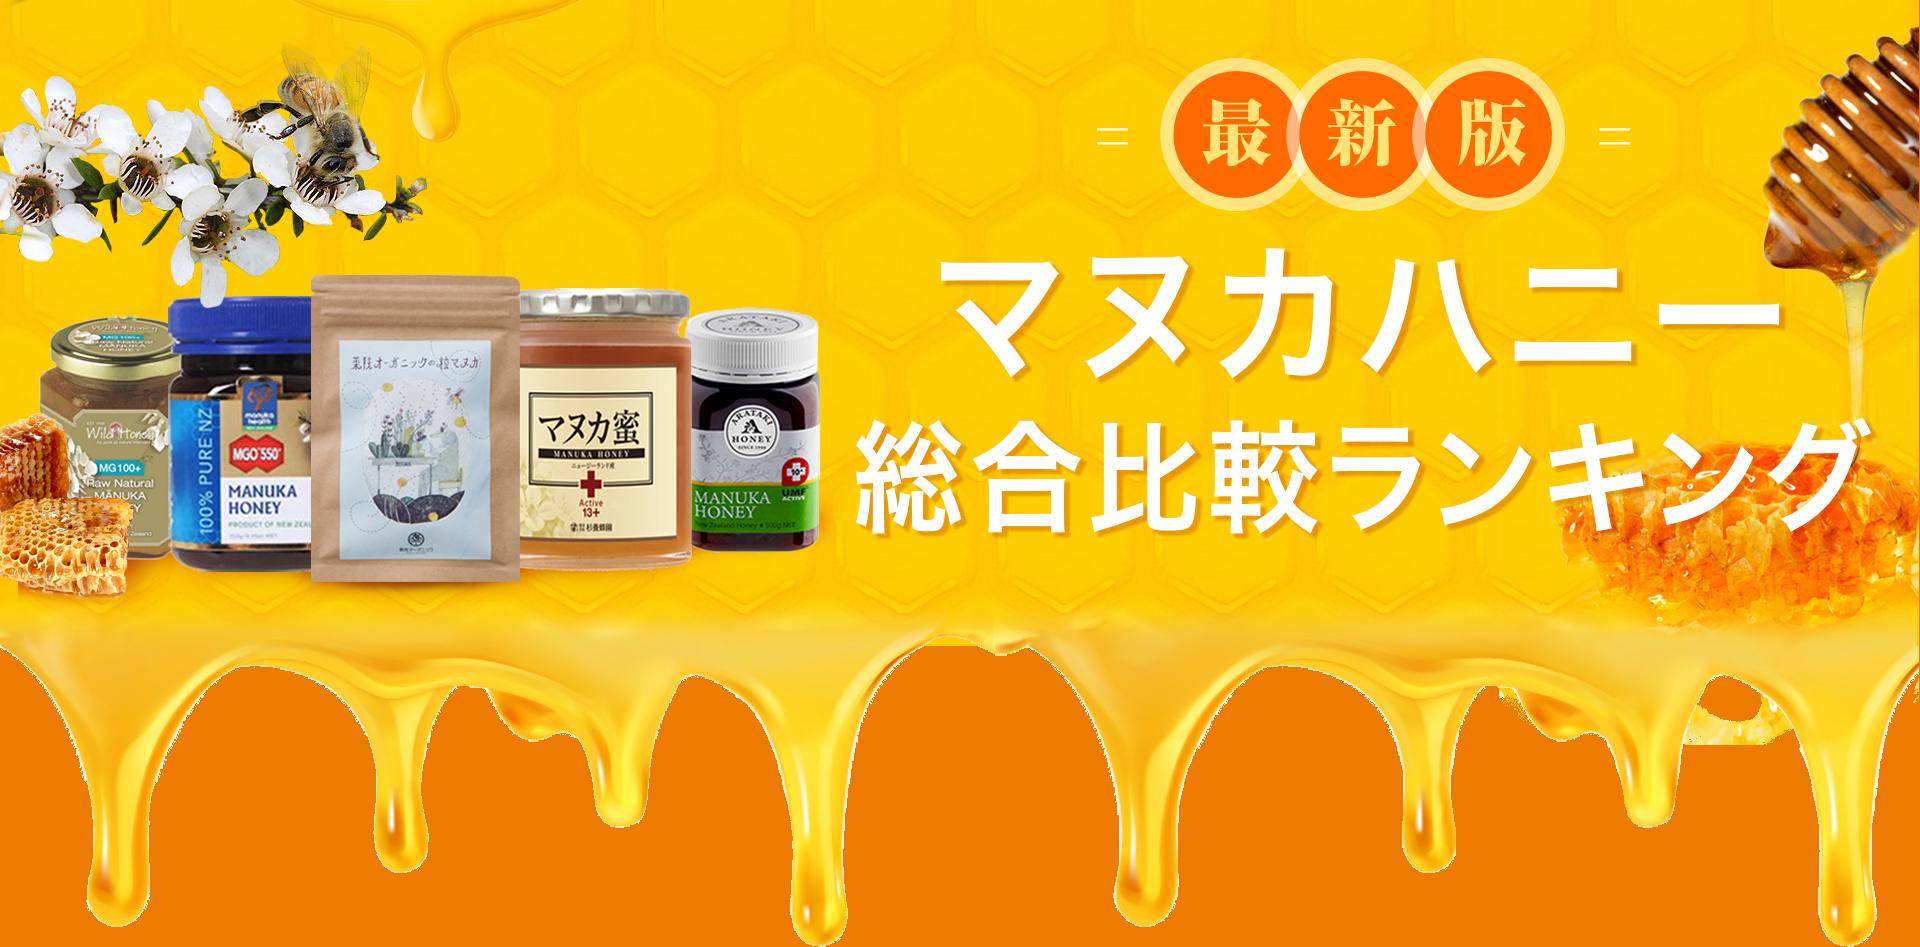 マヌカハニー総合比較ランキング【最新版】